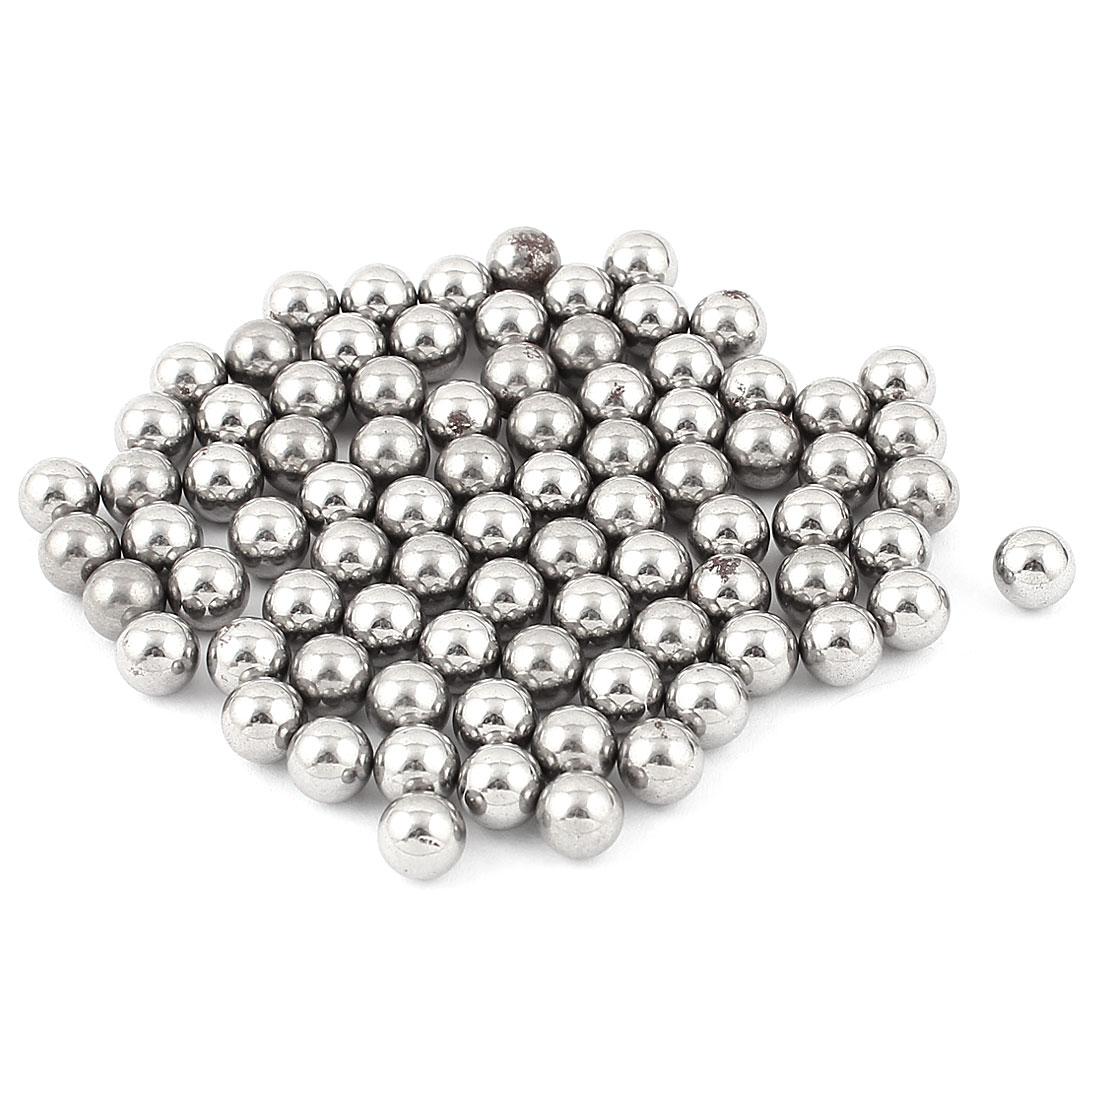 80Pcs Bike Bicycle Wheel Carbon Steel Balls Bearing 8mm Diameter Silver Tone